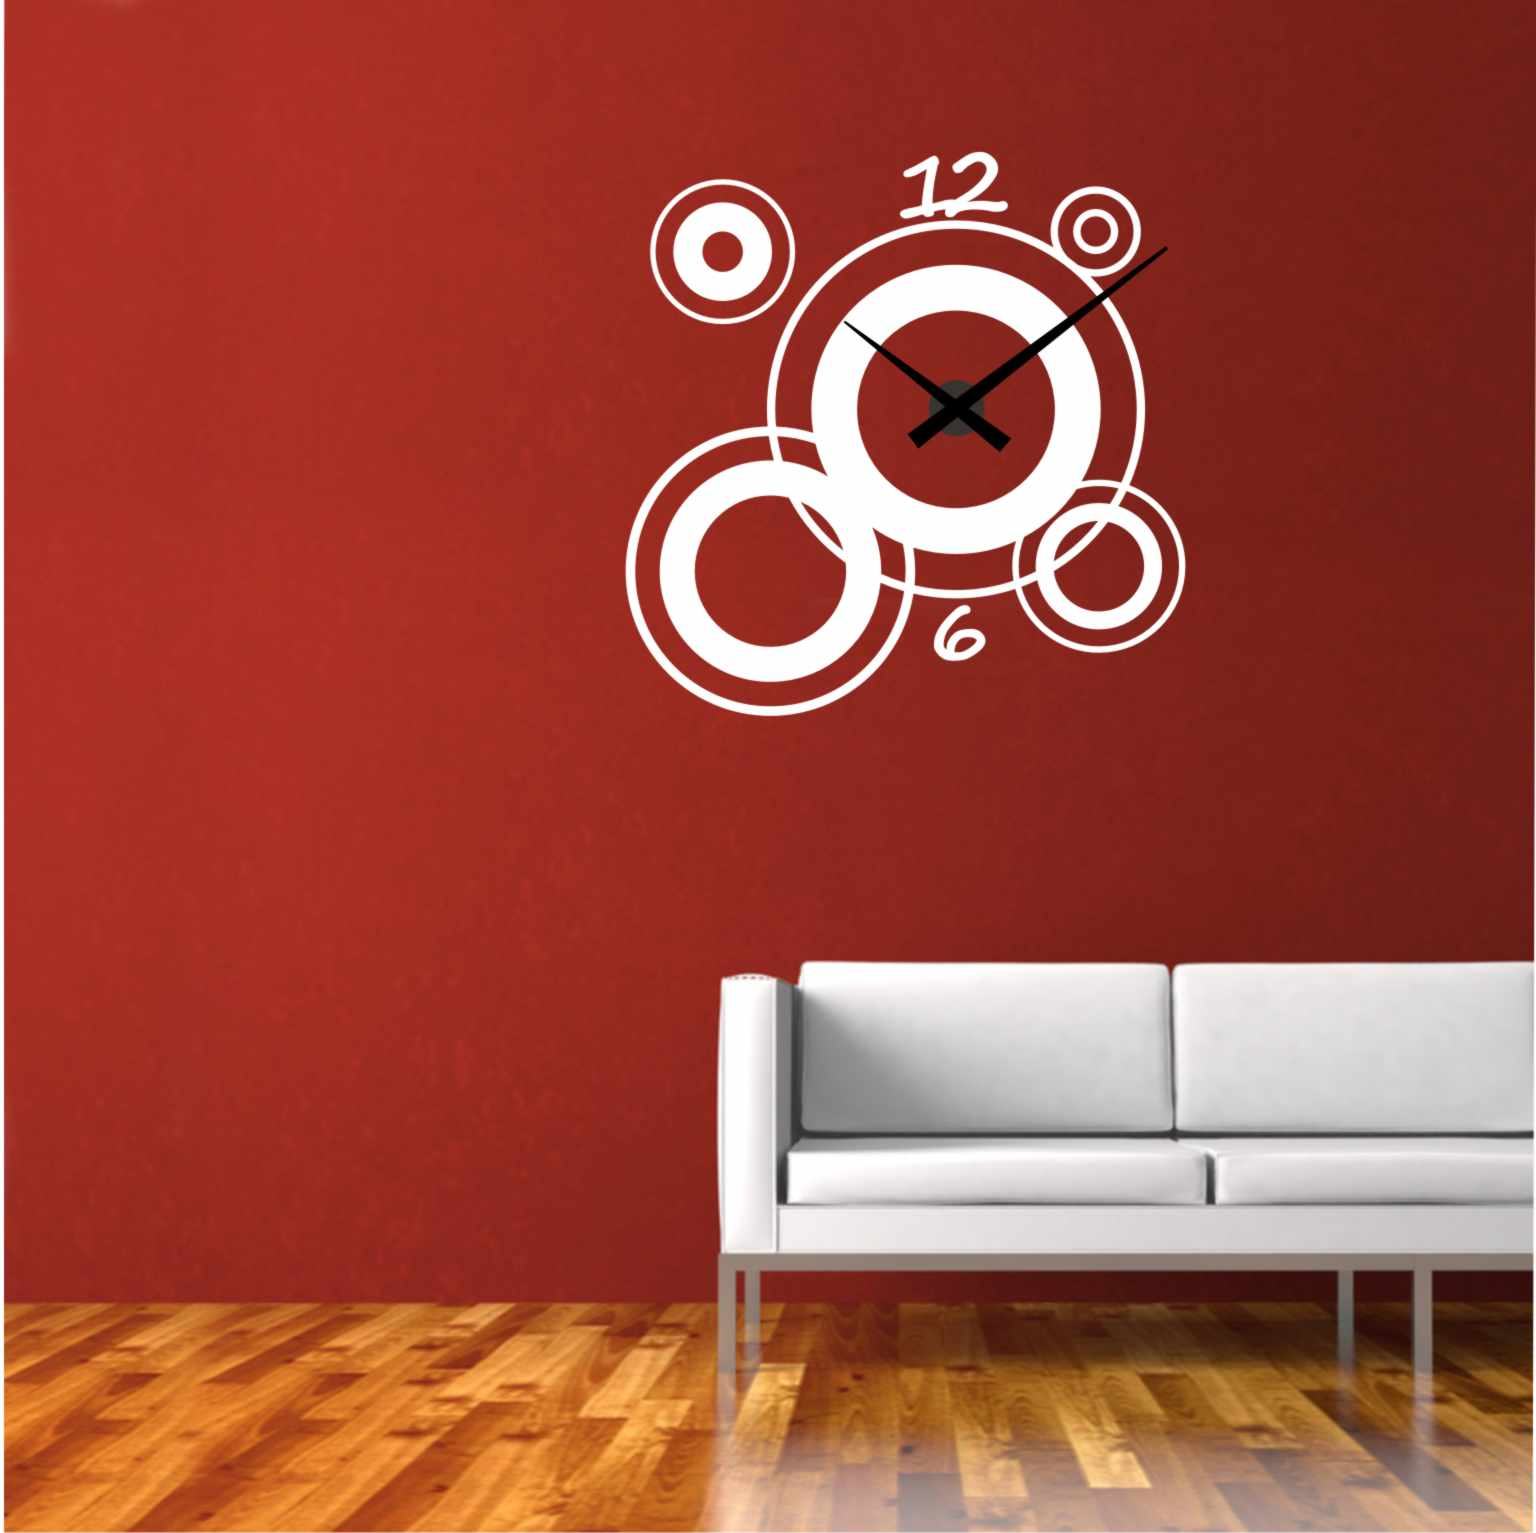 Relojesyvinilos reloj de pared moderno c rculos - Relojes decorativos pared ...